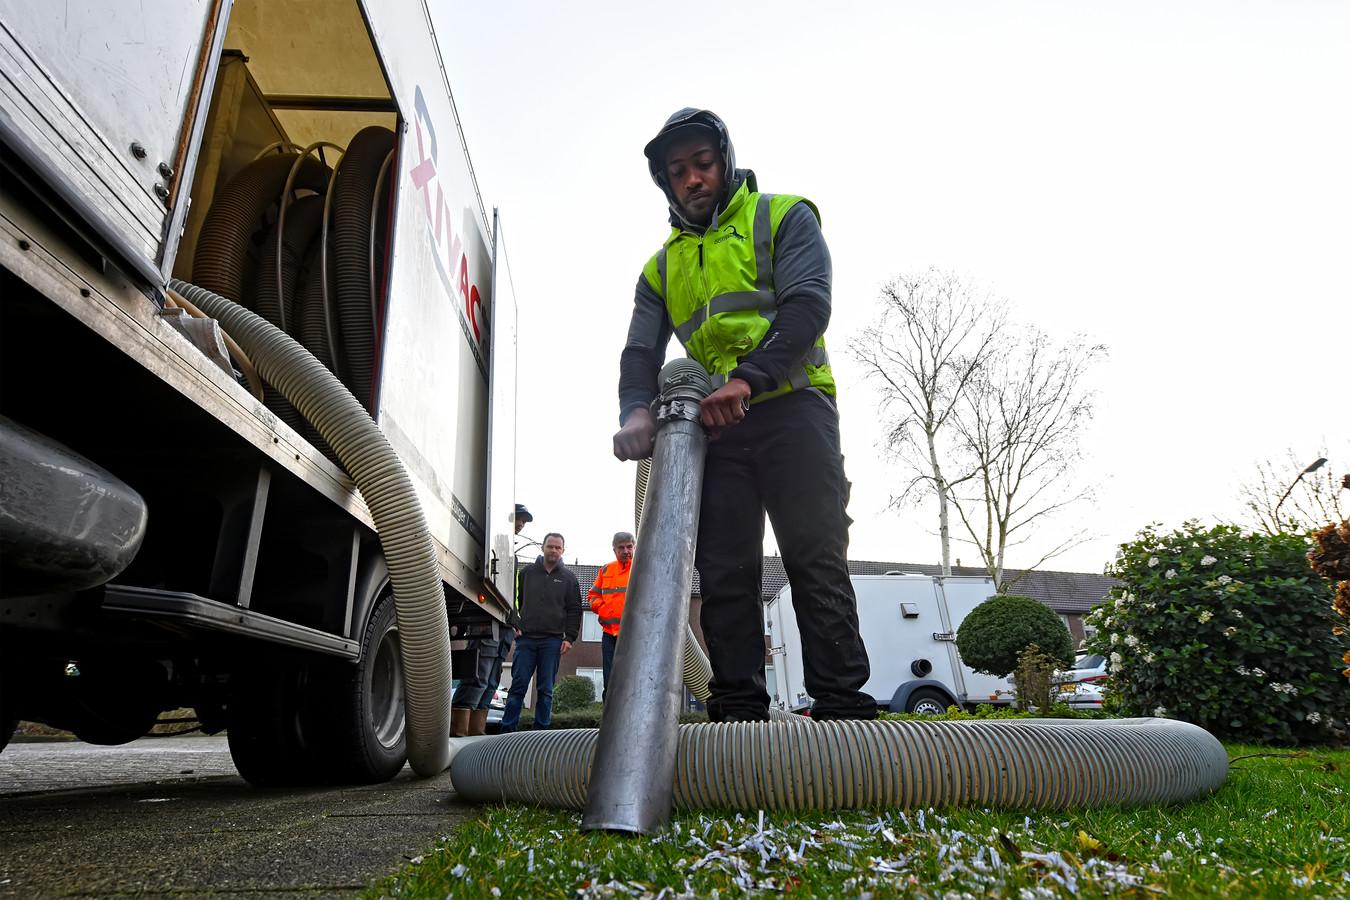 DEN HOUT - Medewerkers van Sloopbedrijf Oosterhout zijn op de Hoge Akker aan de slag om het piepschuim op te zuigen.